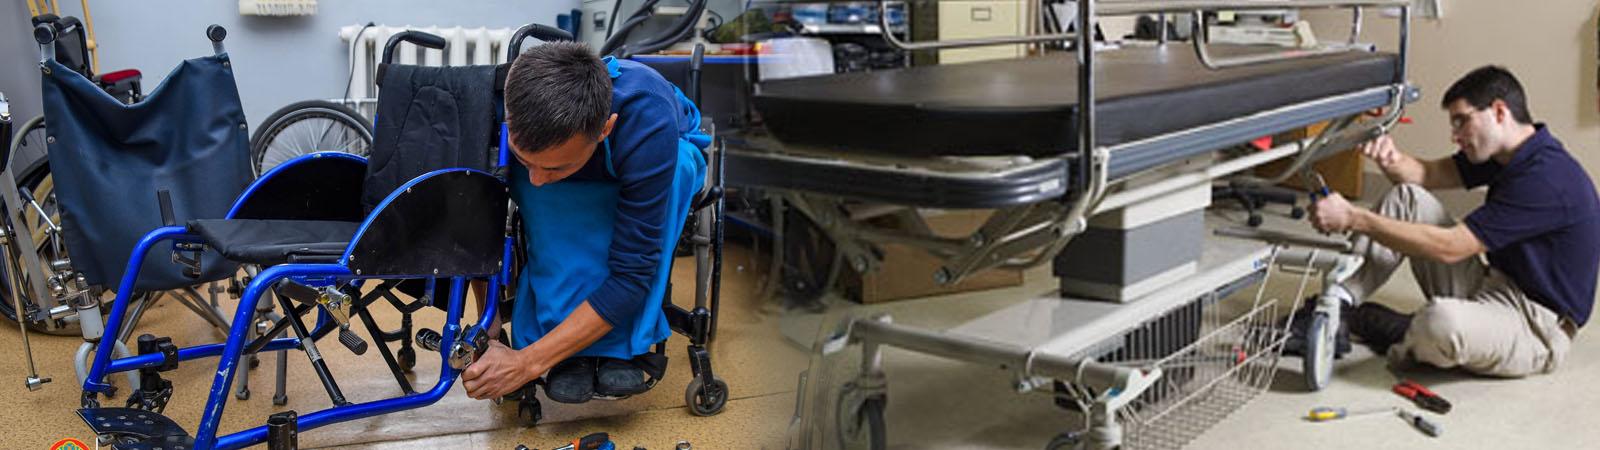 Medical Equipment Repair Services Medequipjax